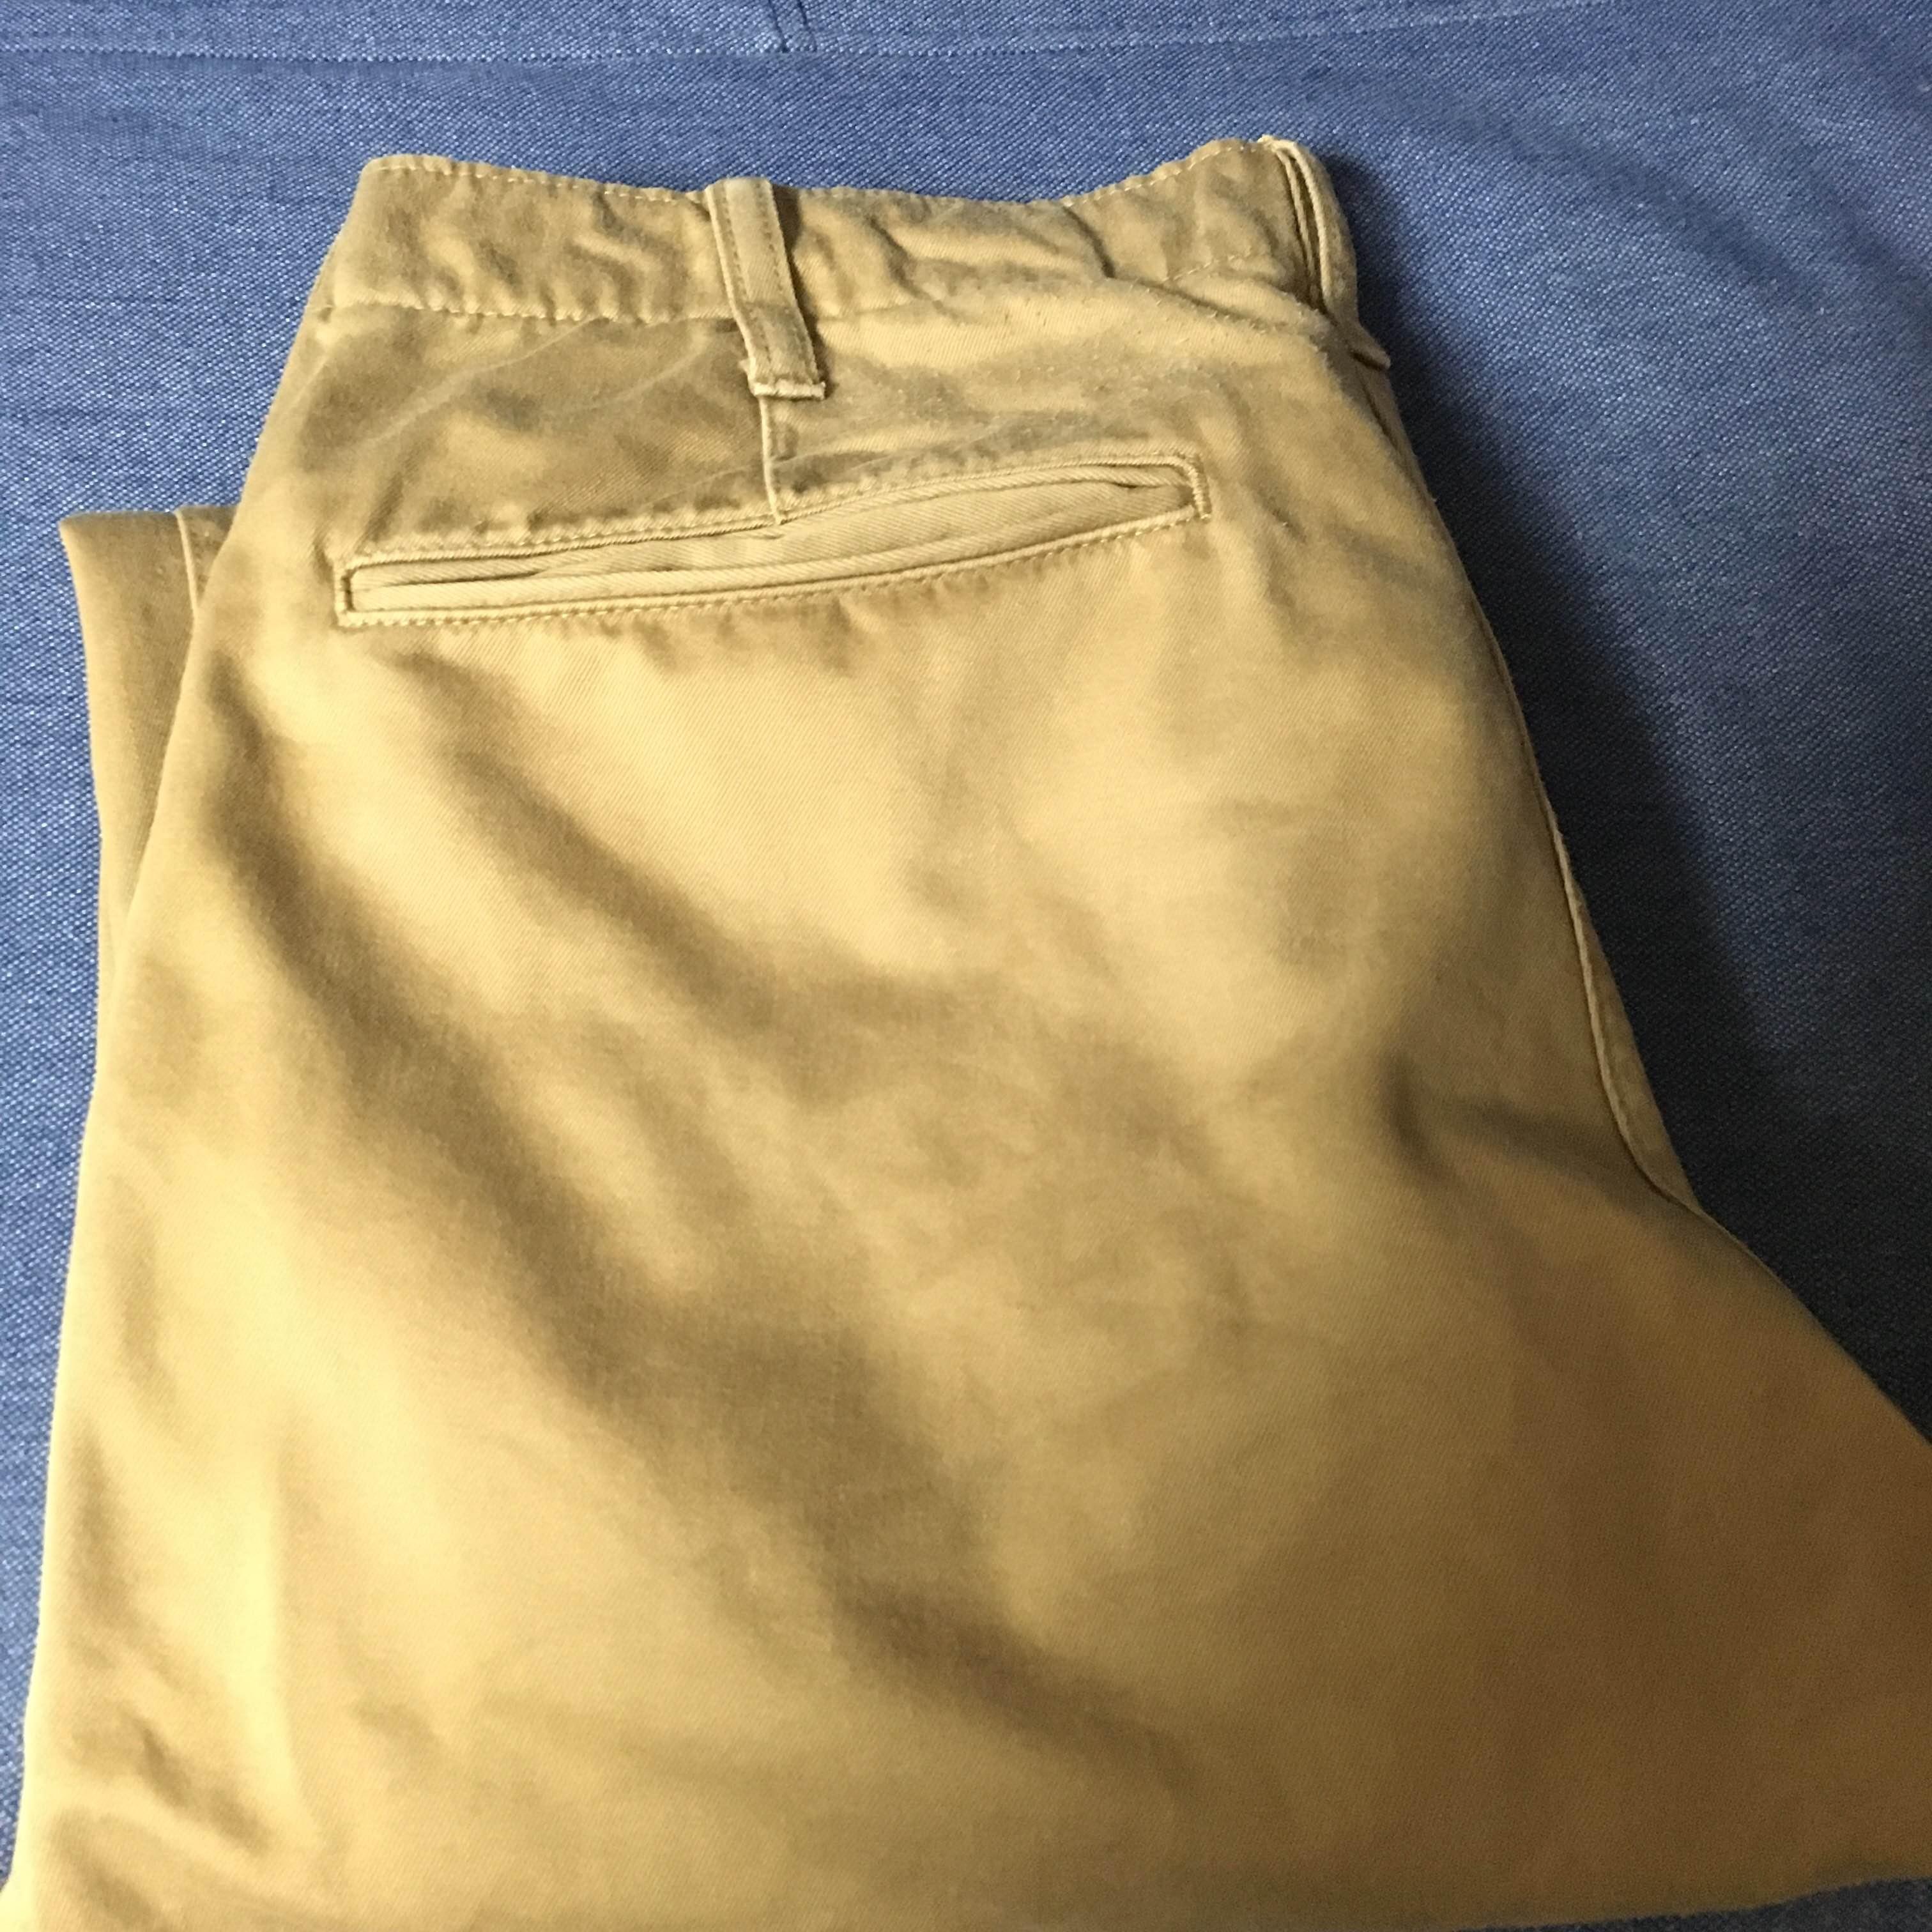 ユニクロのビンテージチノパンフランス人は10着しか服を持たないらしいので、10着選んでみた。2016チャックシャツ アバクロ年秋冬版【ミニマリスト】